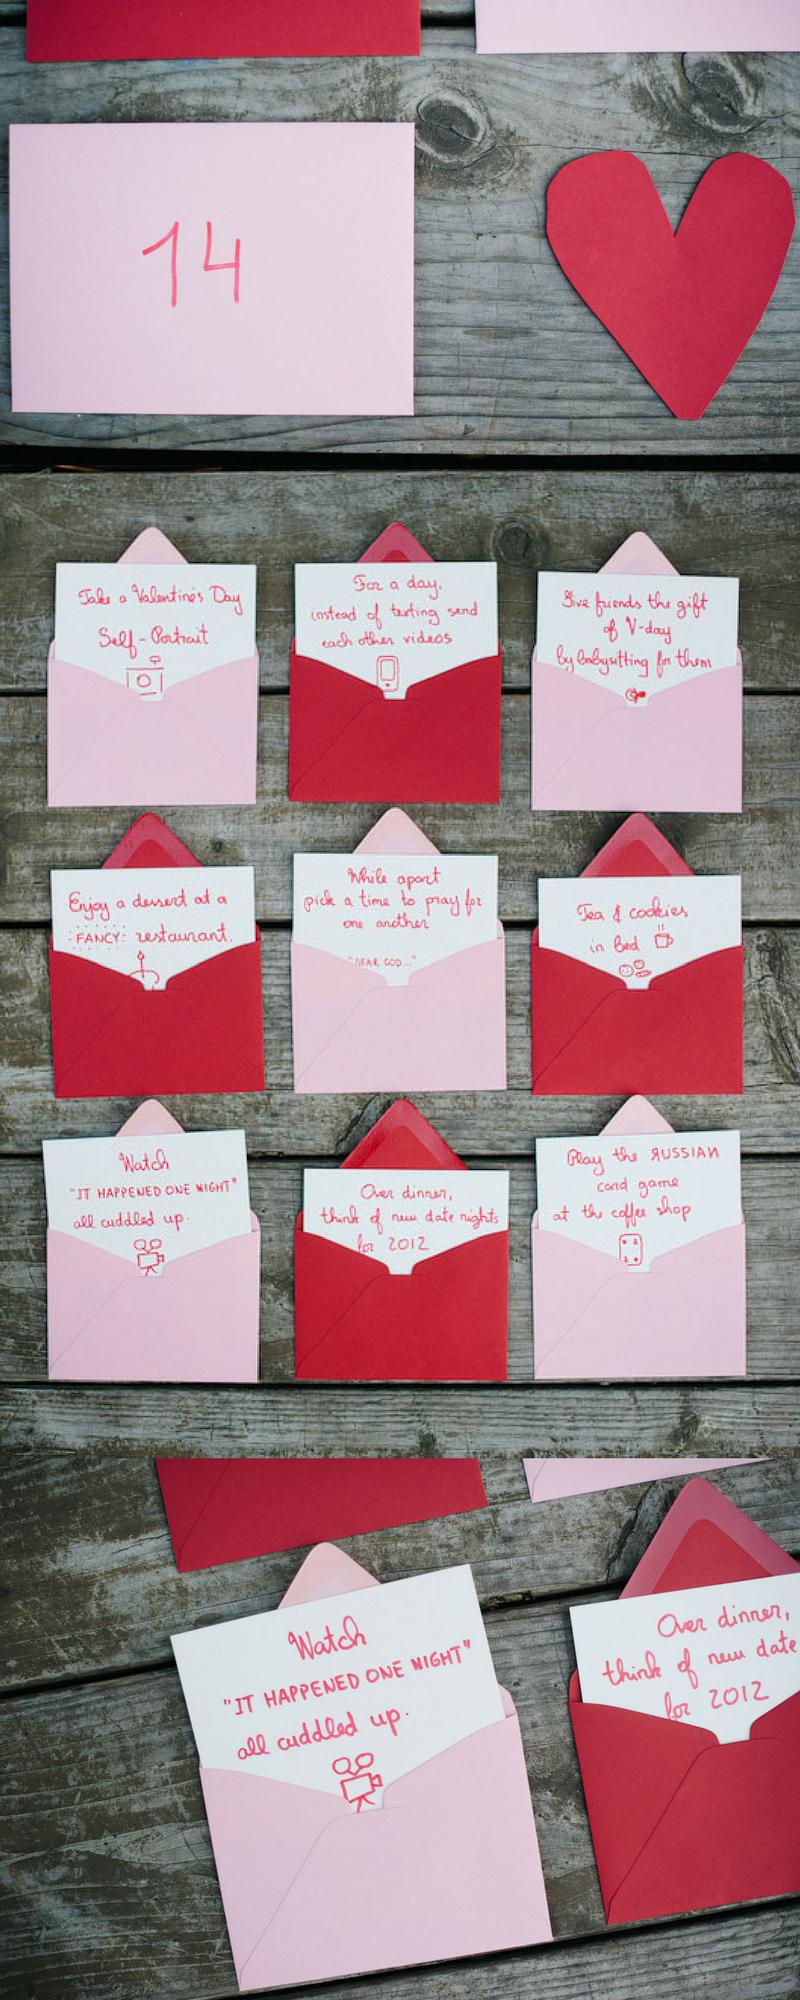 Tolle Ideen für personalisierte Geschenke für Valentinstag